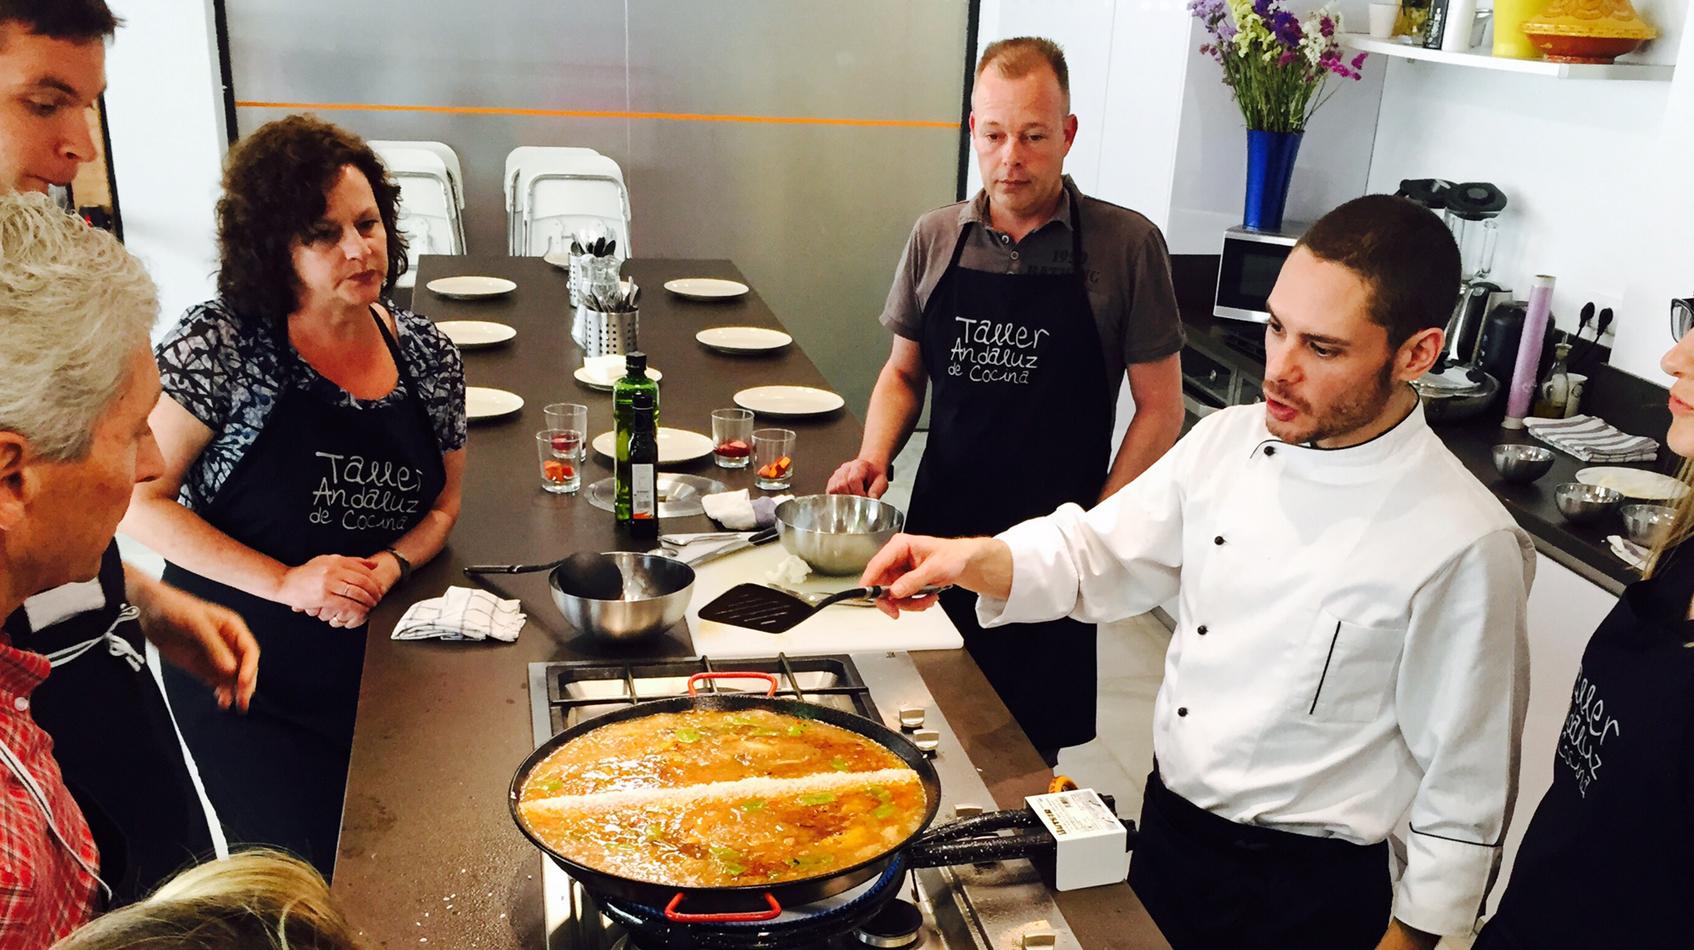 Taller-Andaluz-de-Cocina-class-©-Taller-Andaluz-de-Cocina